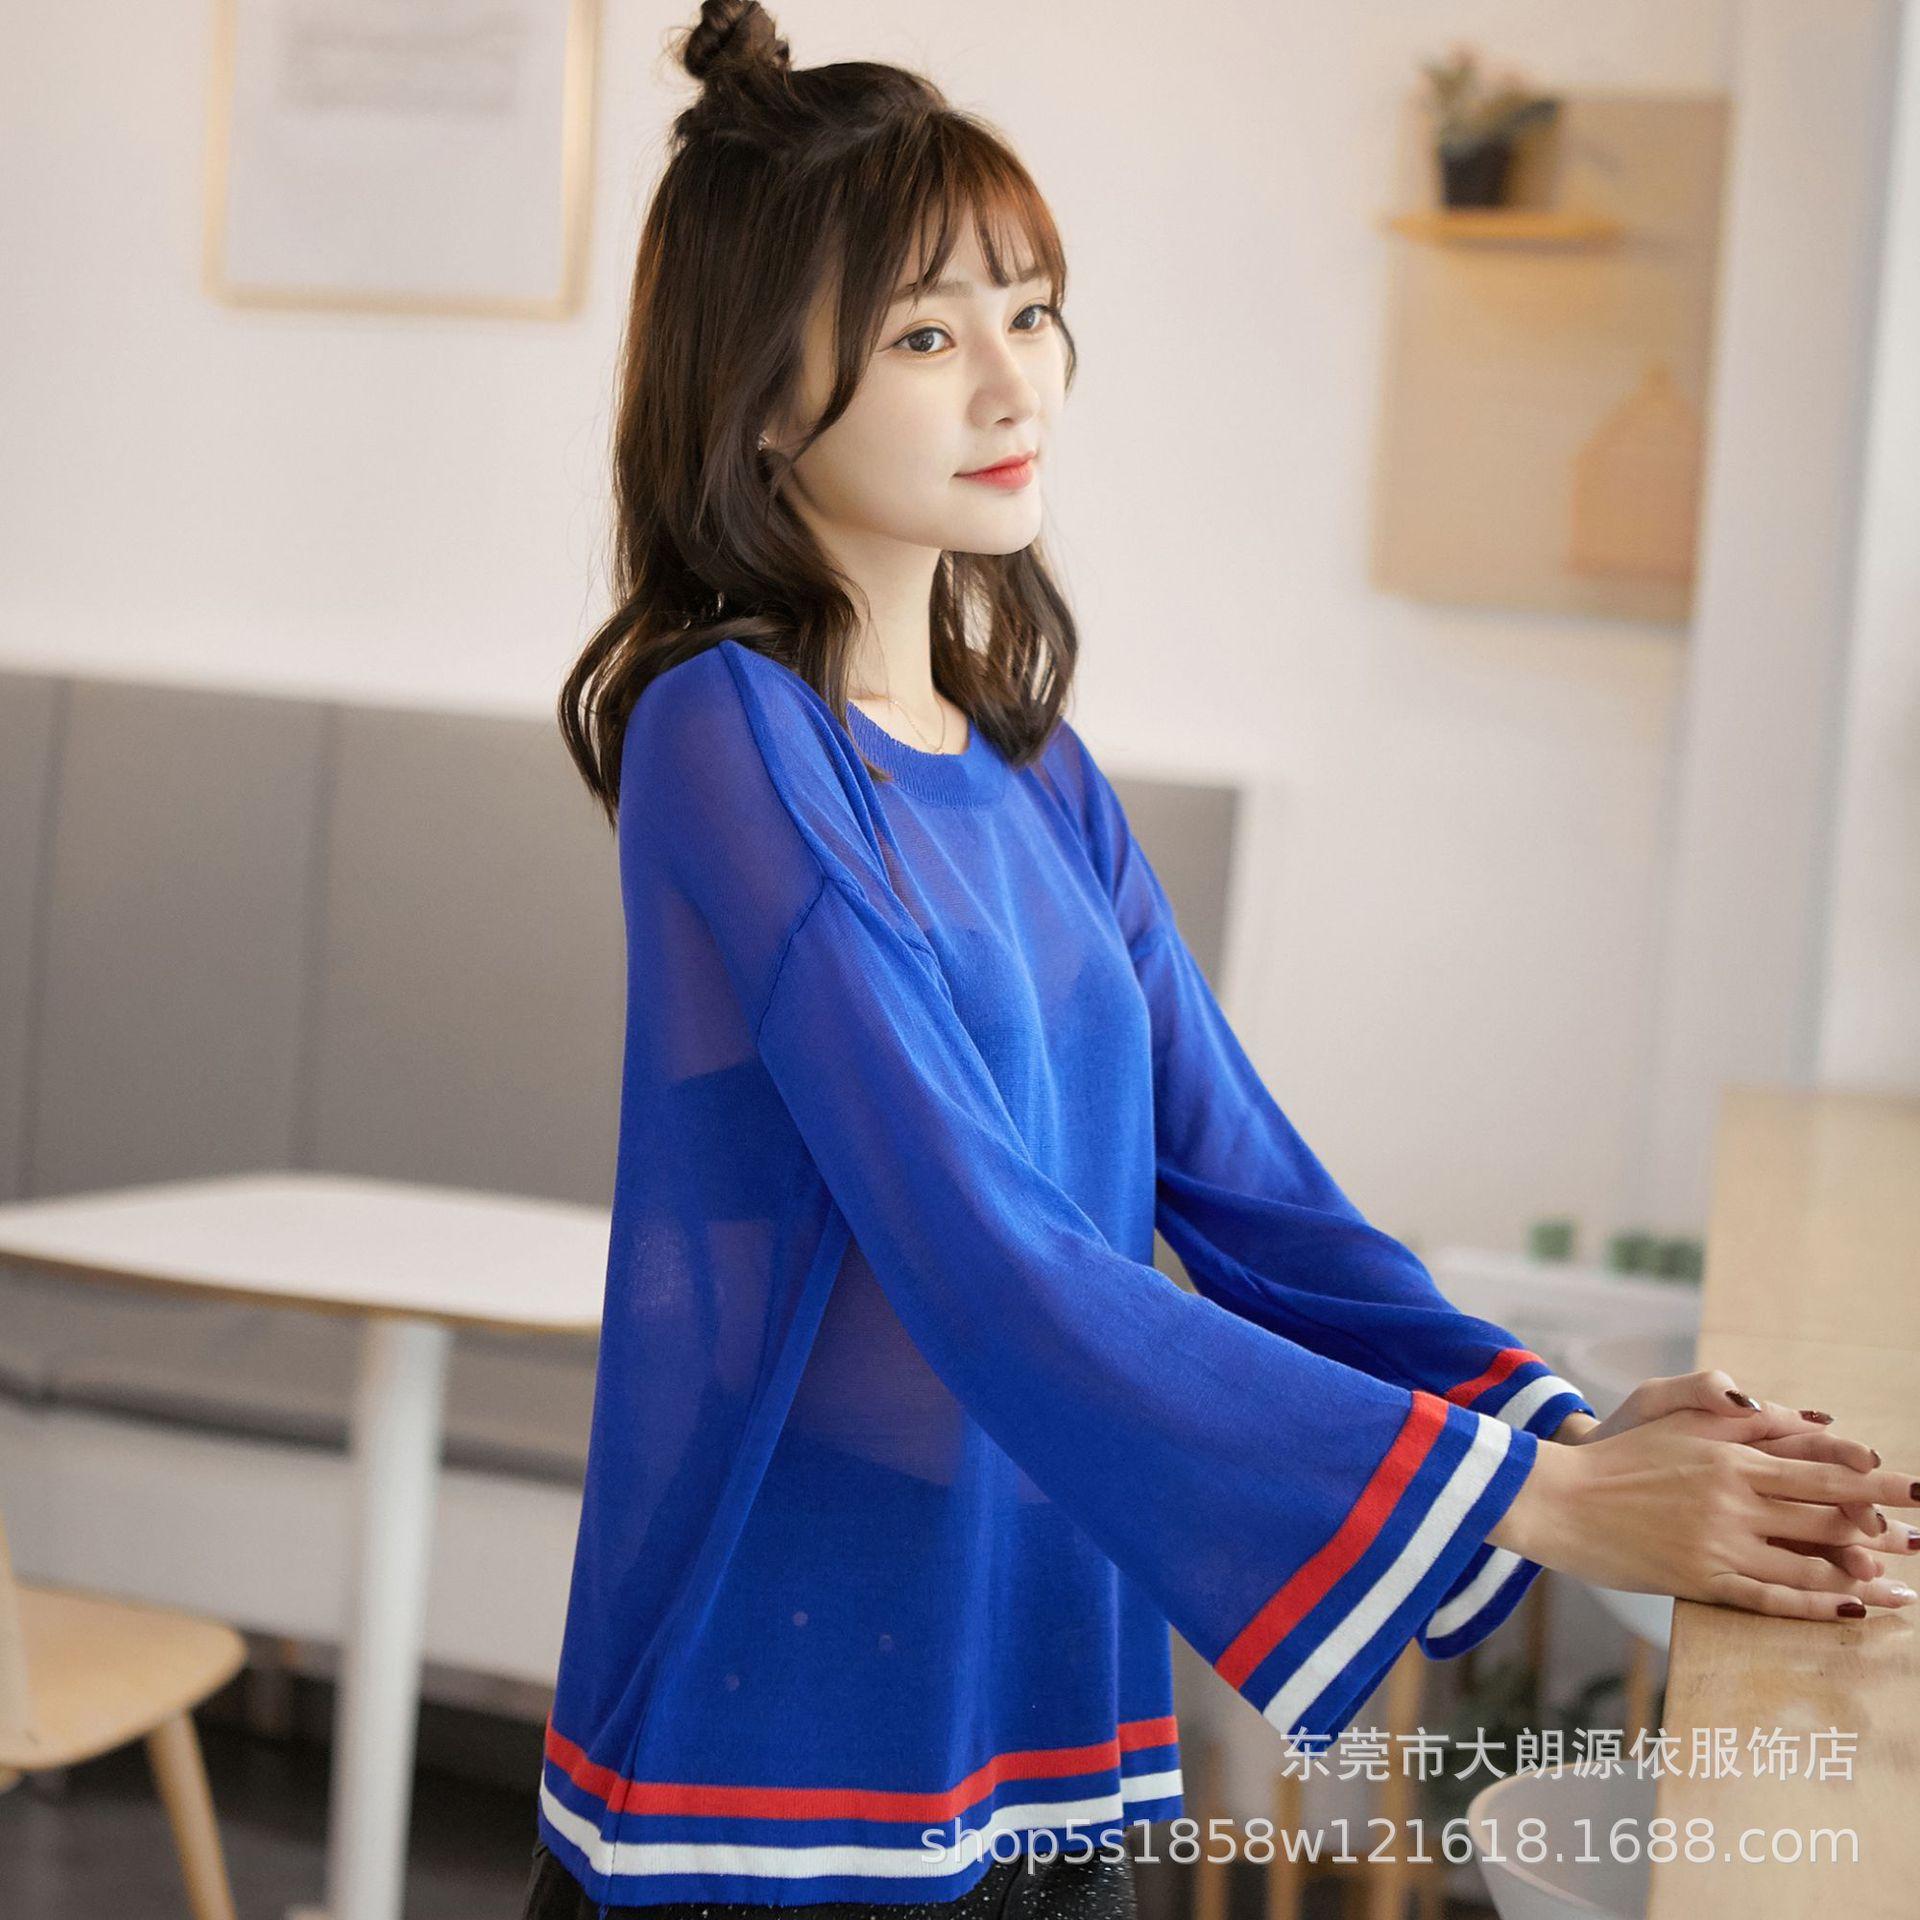 2019韩版春夏新款女装圆领条纹长袖宽松防晒针织衫女打底上衣外套